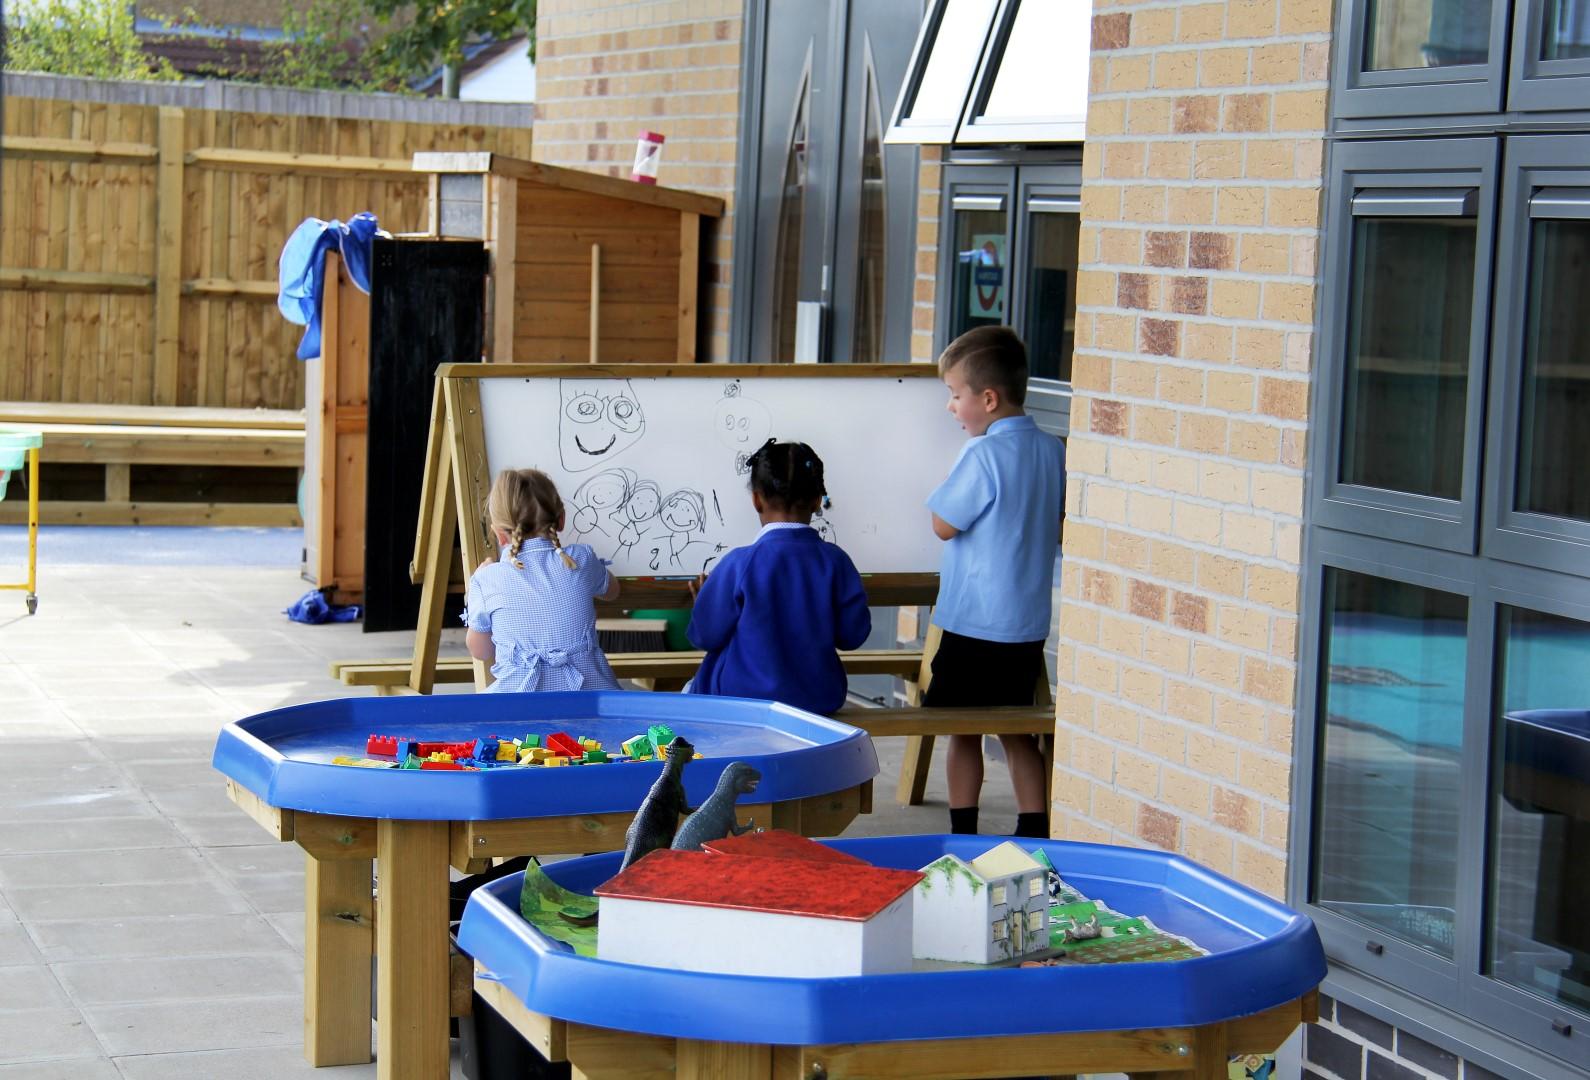 outdoor school play equipment